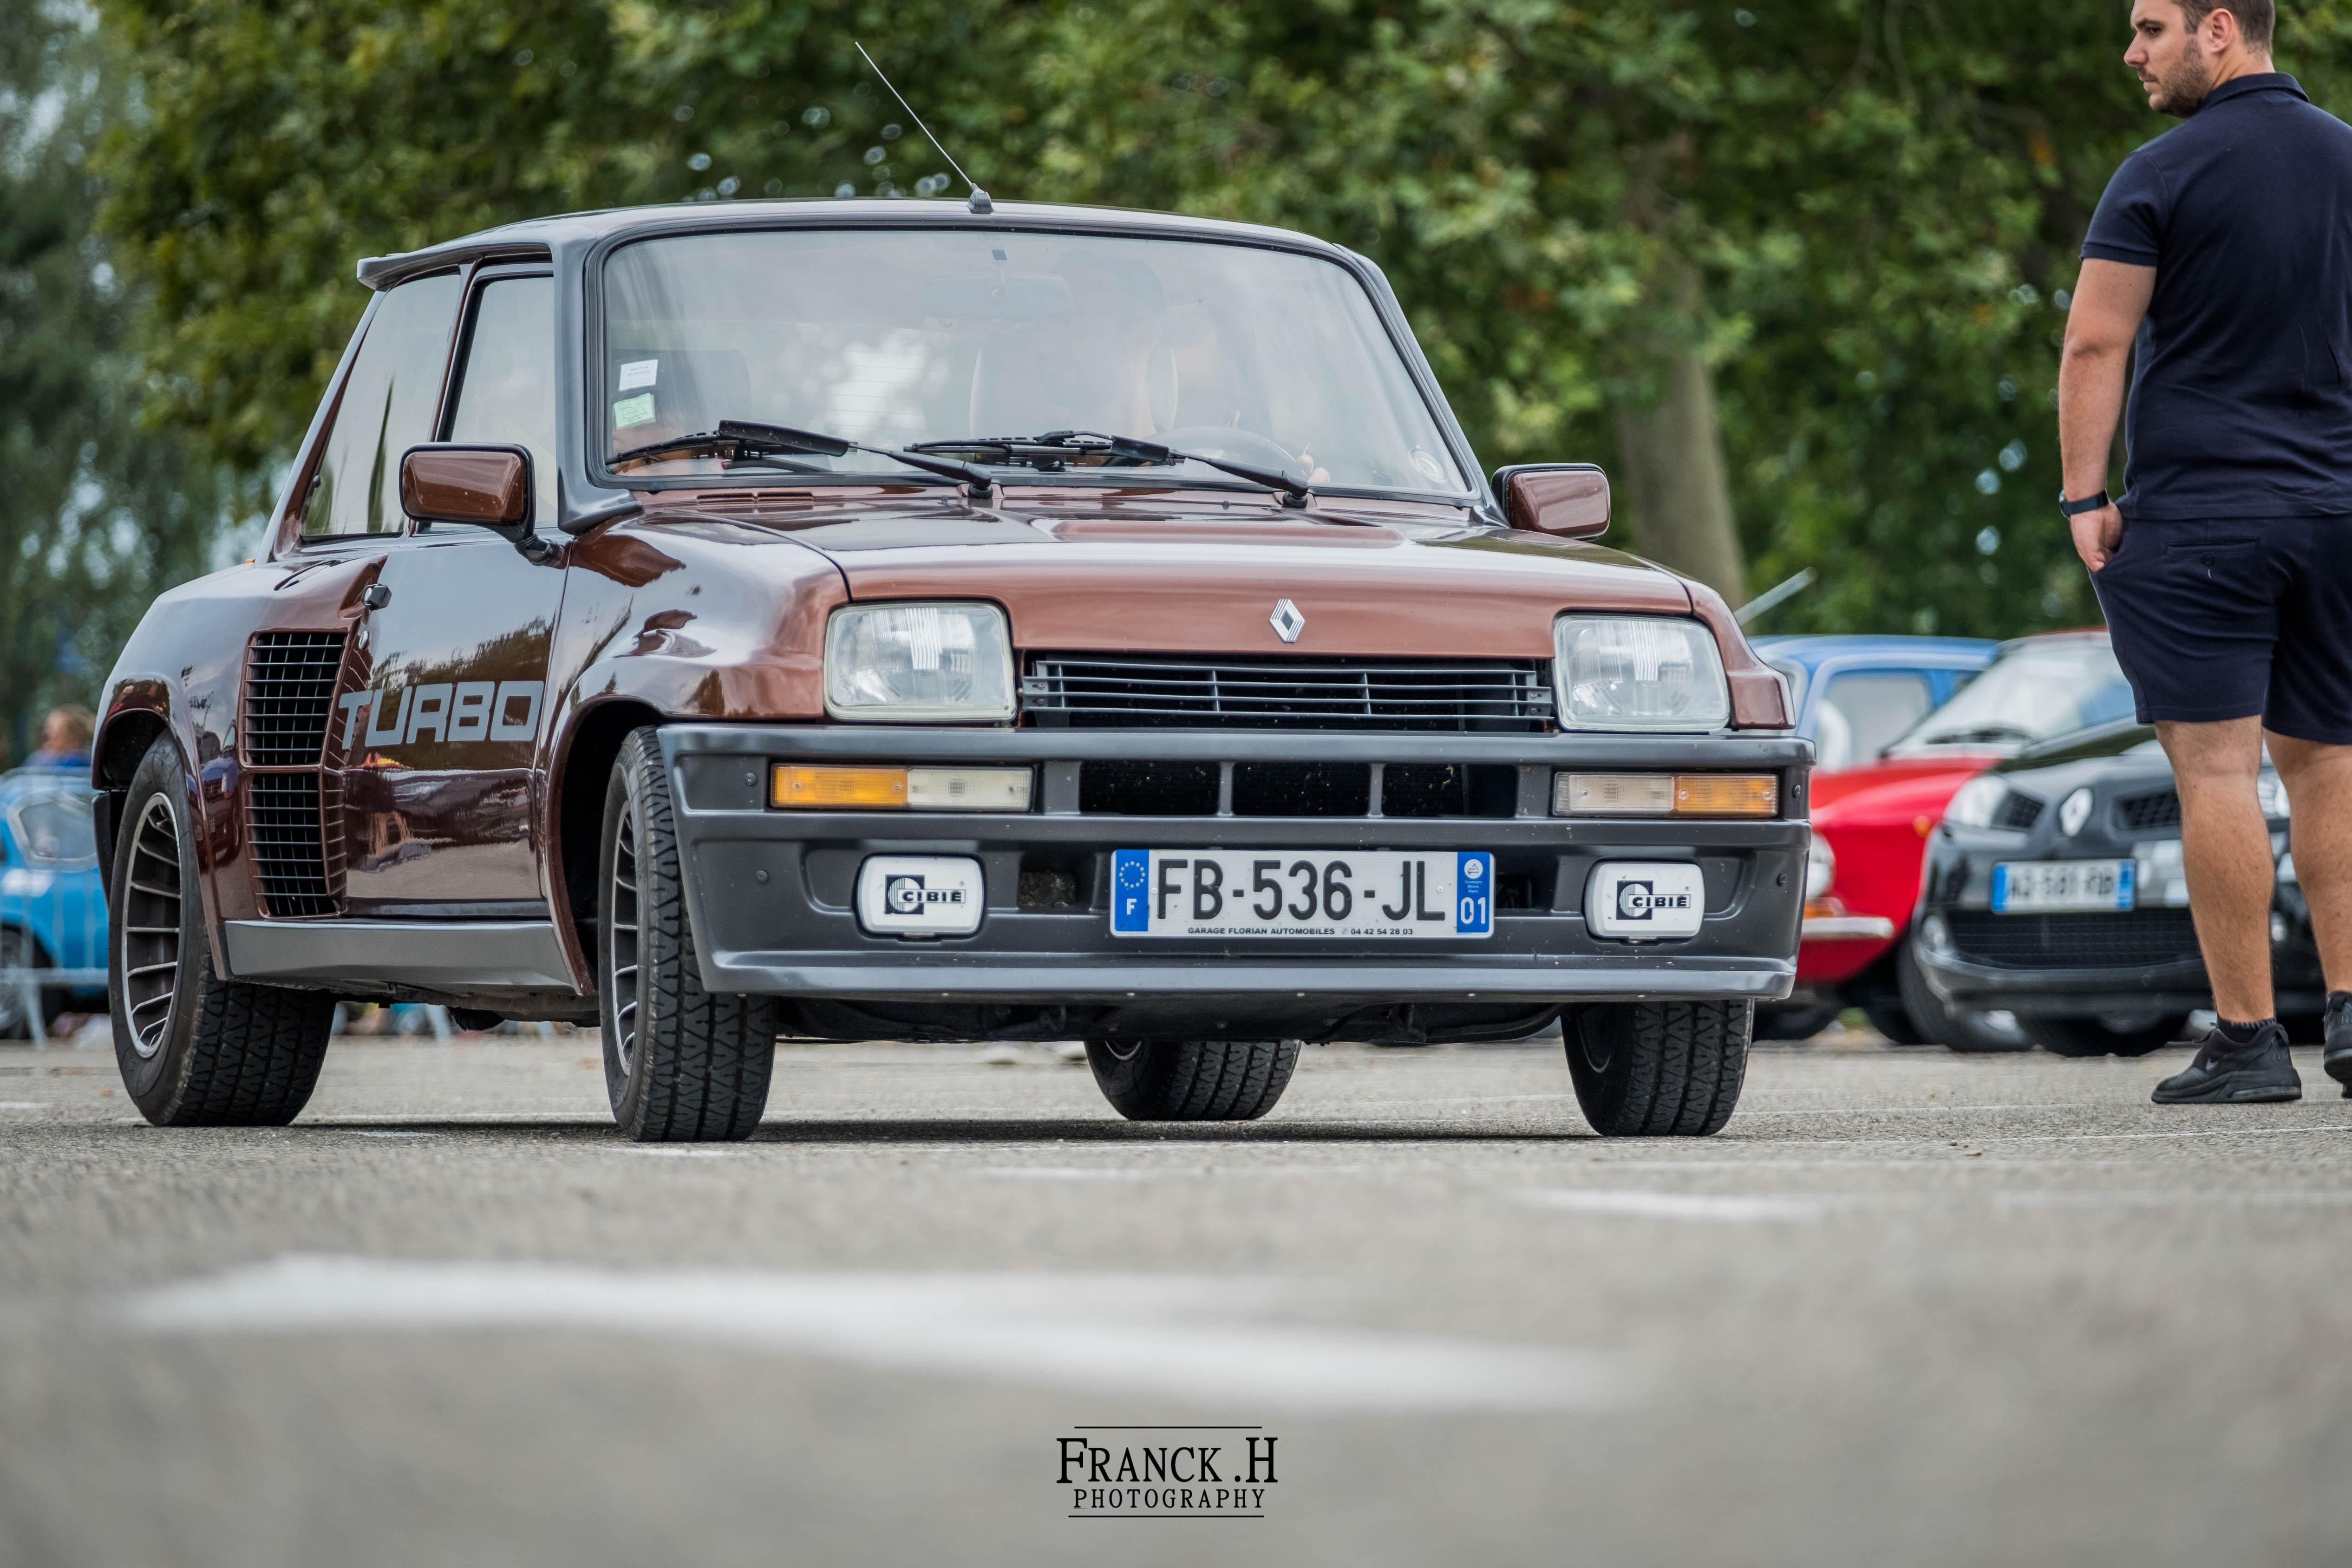 1ère Rencontre Franco Suisse Alpine A110 Divonne Franck H Photography 40 | 1ère Rencontre Franco-Suisse Alpine par Franck H Photography